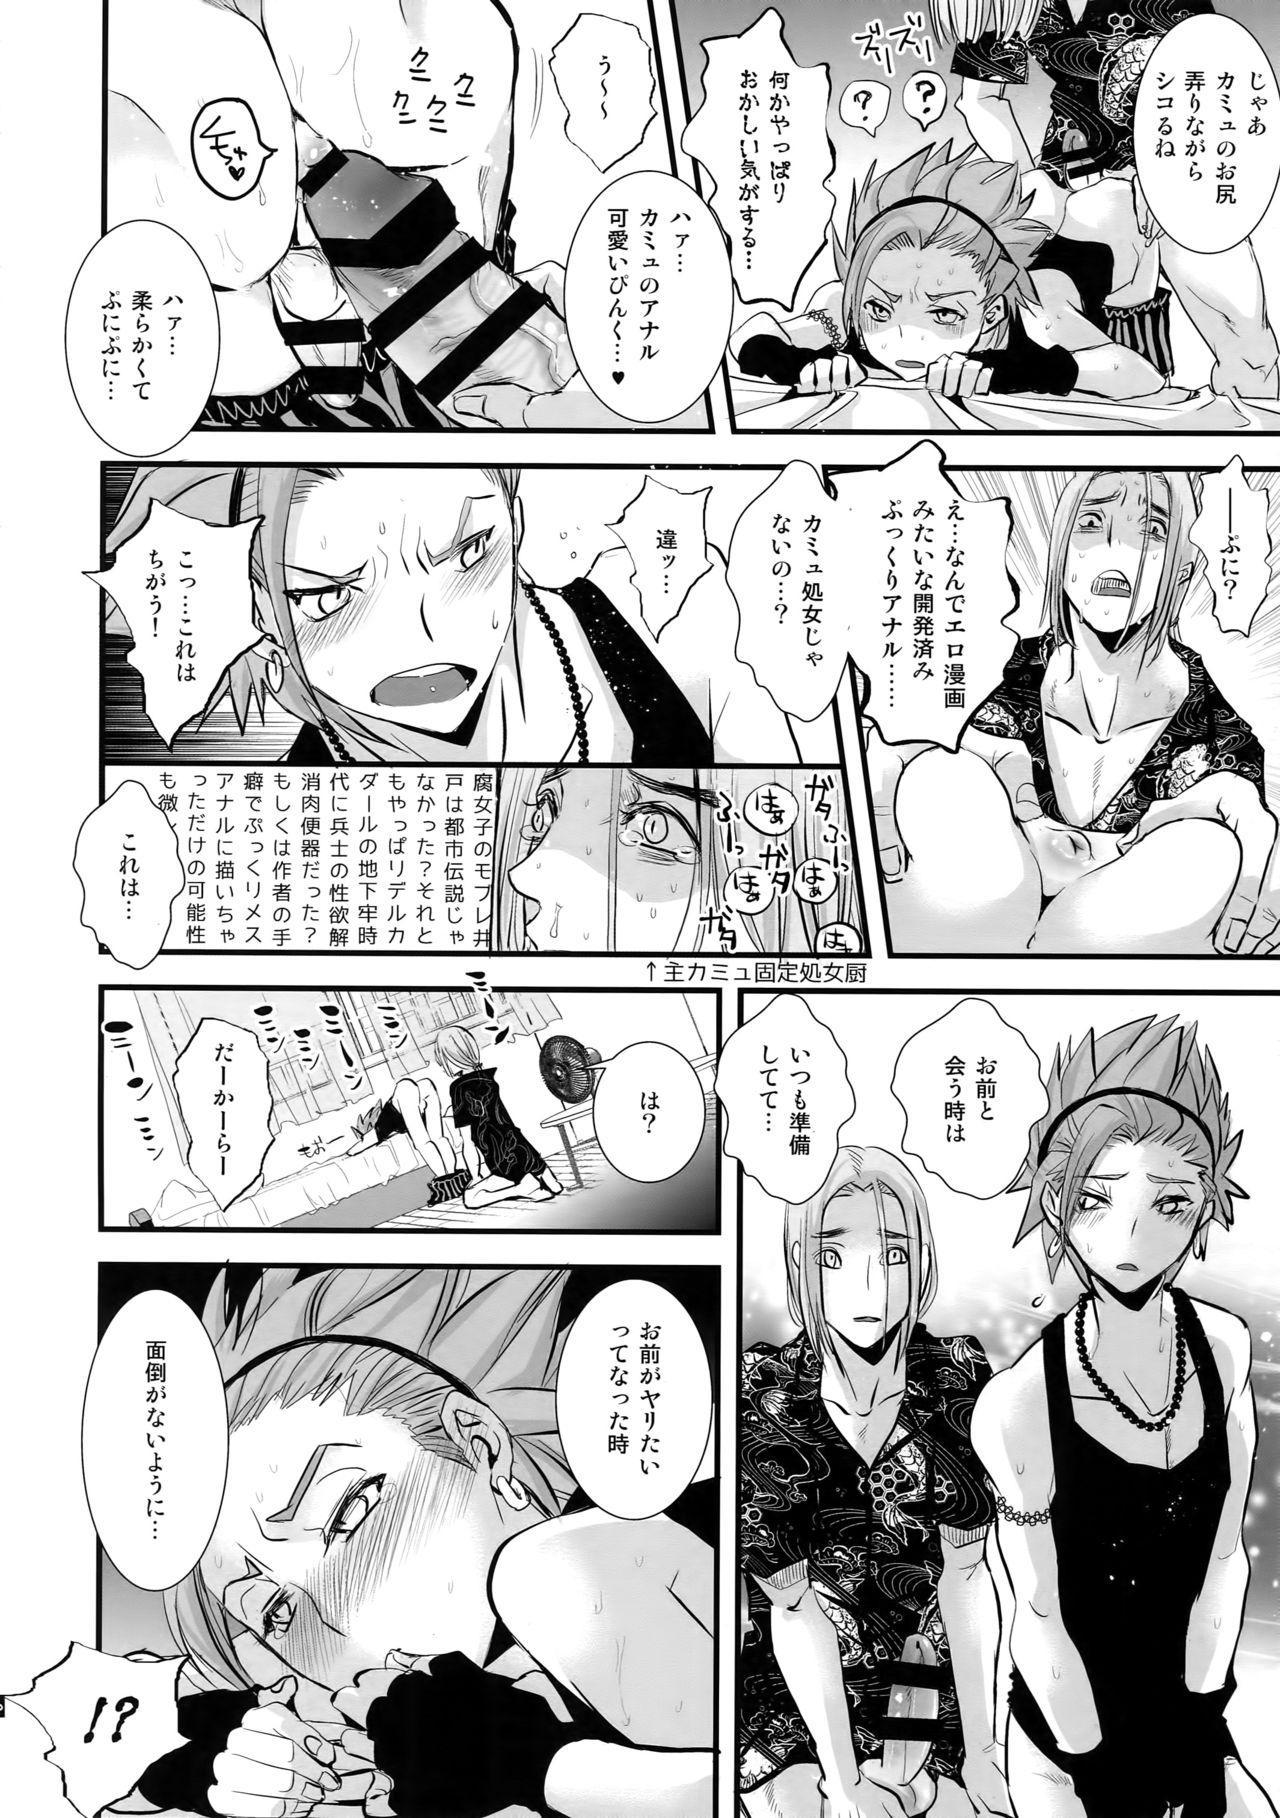 Hokubei-ban Erik ga Etchi Sugirunode Boku no Camus mo Etchi ni Chigainai 6